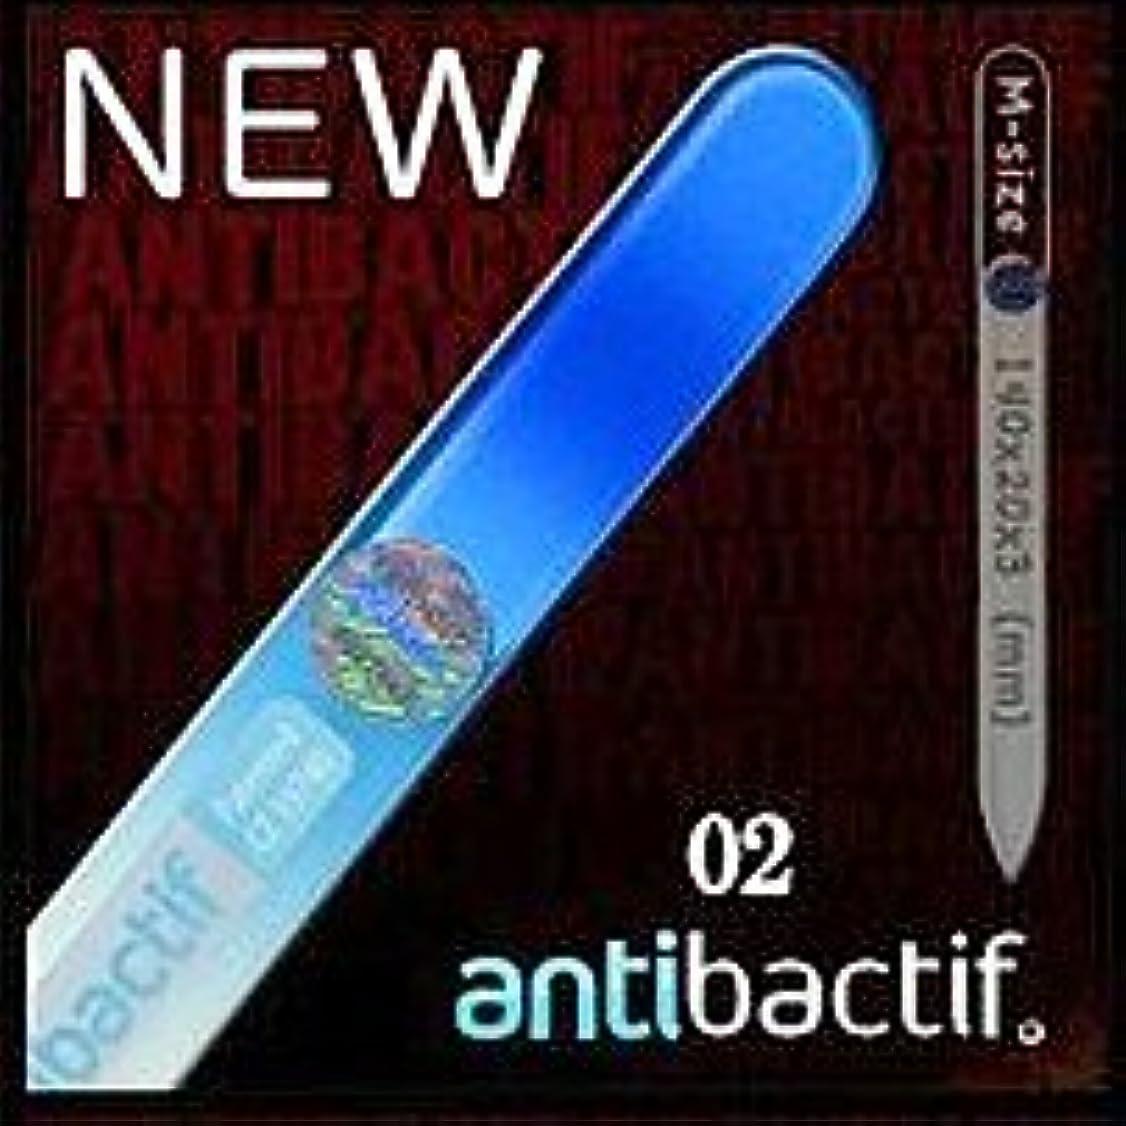 フレッシュライターダイエット【ブラジェク】ガラス爪やすり NEW antibactif カラー(両面ヤスリ) (02)